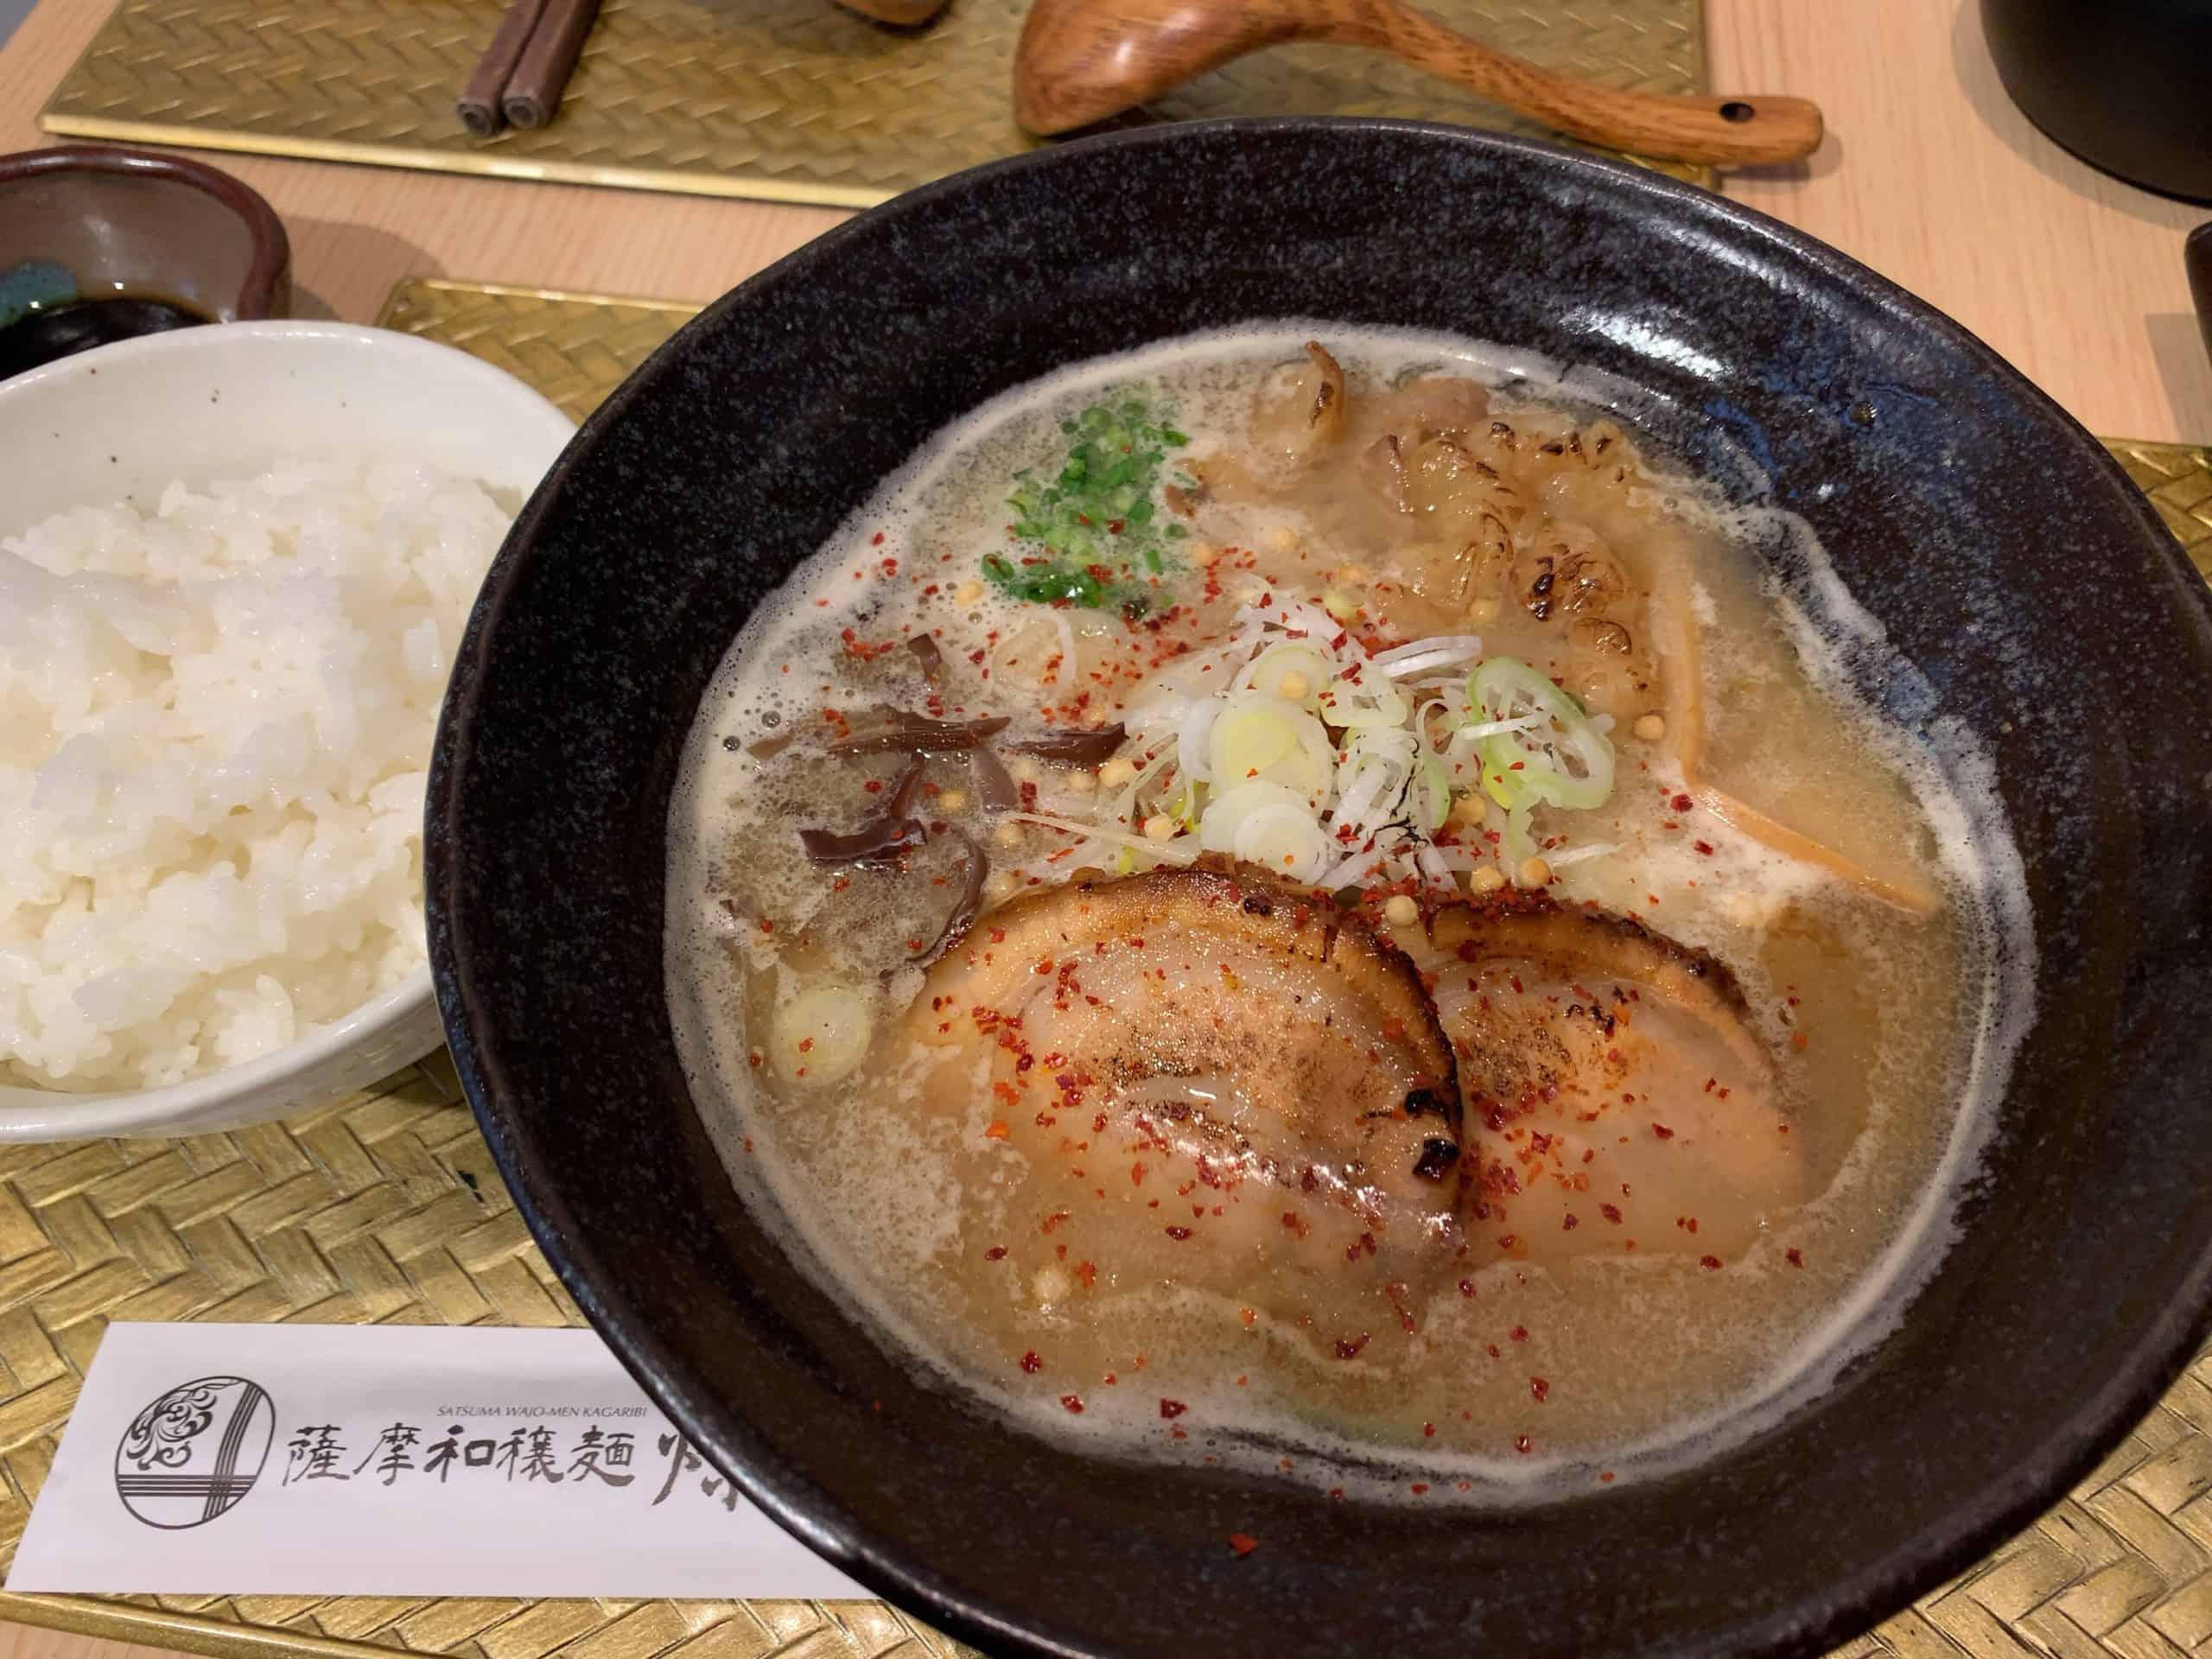 祝!薩摩和穣麺燎さんが1周年!進化し続ける超うまラーメンを見逃すな!!